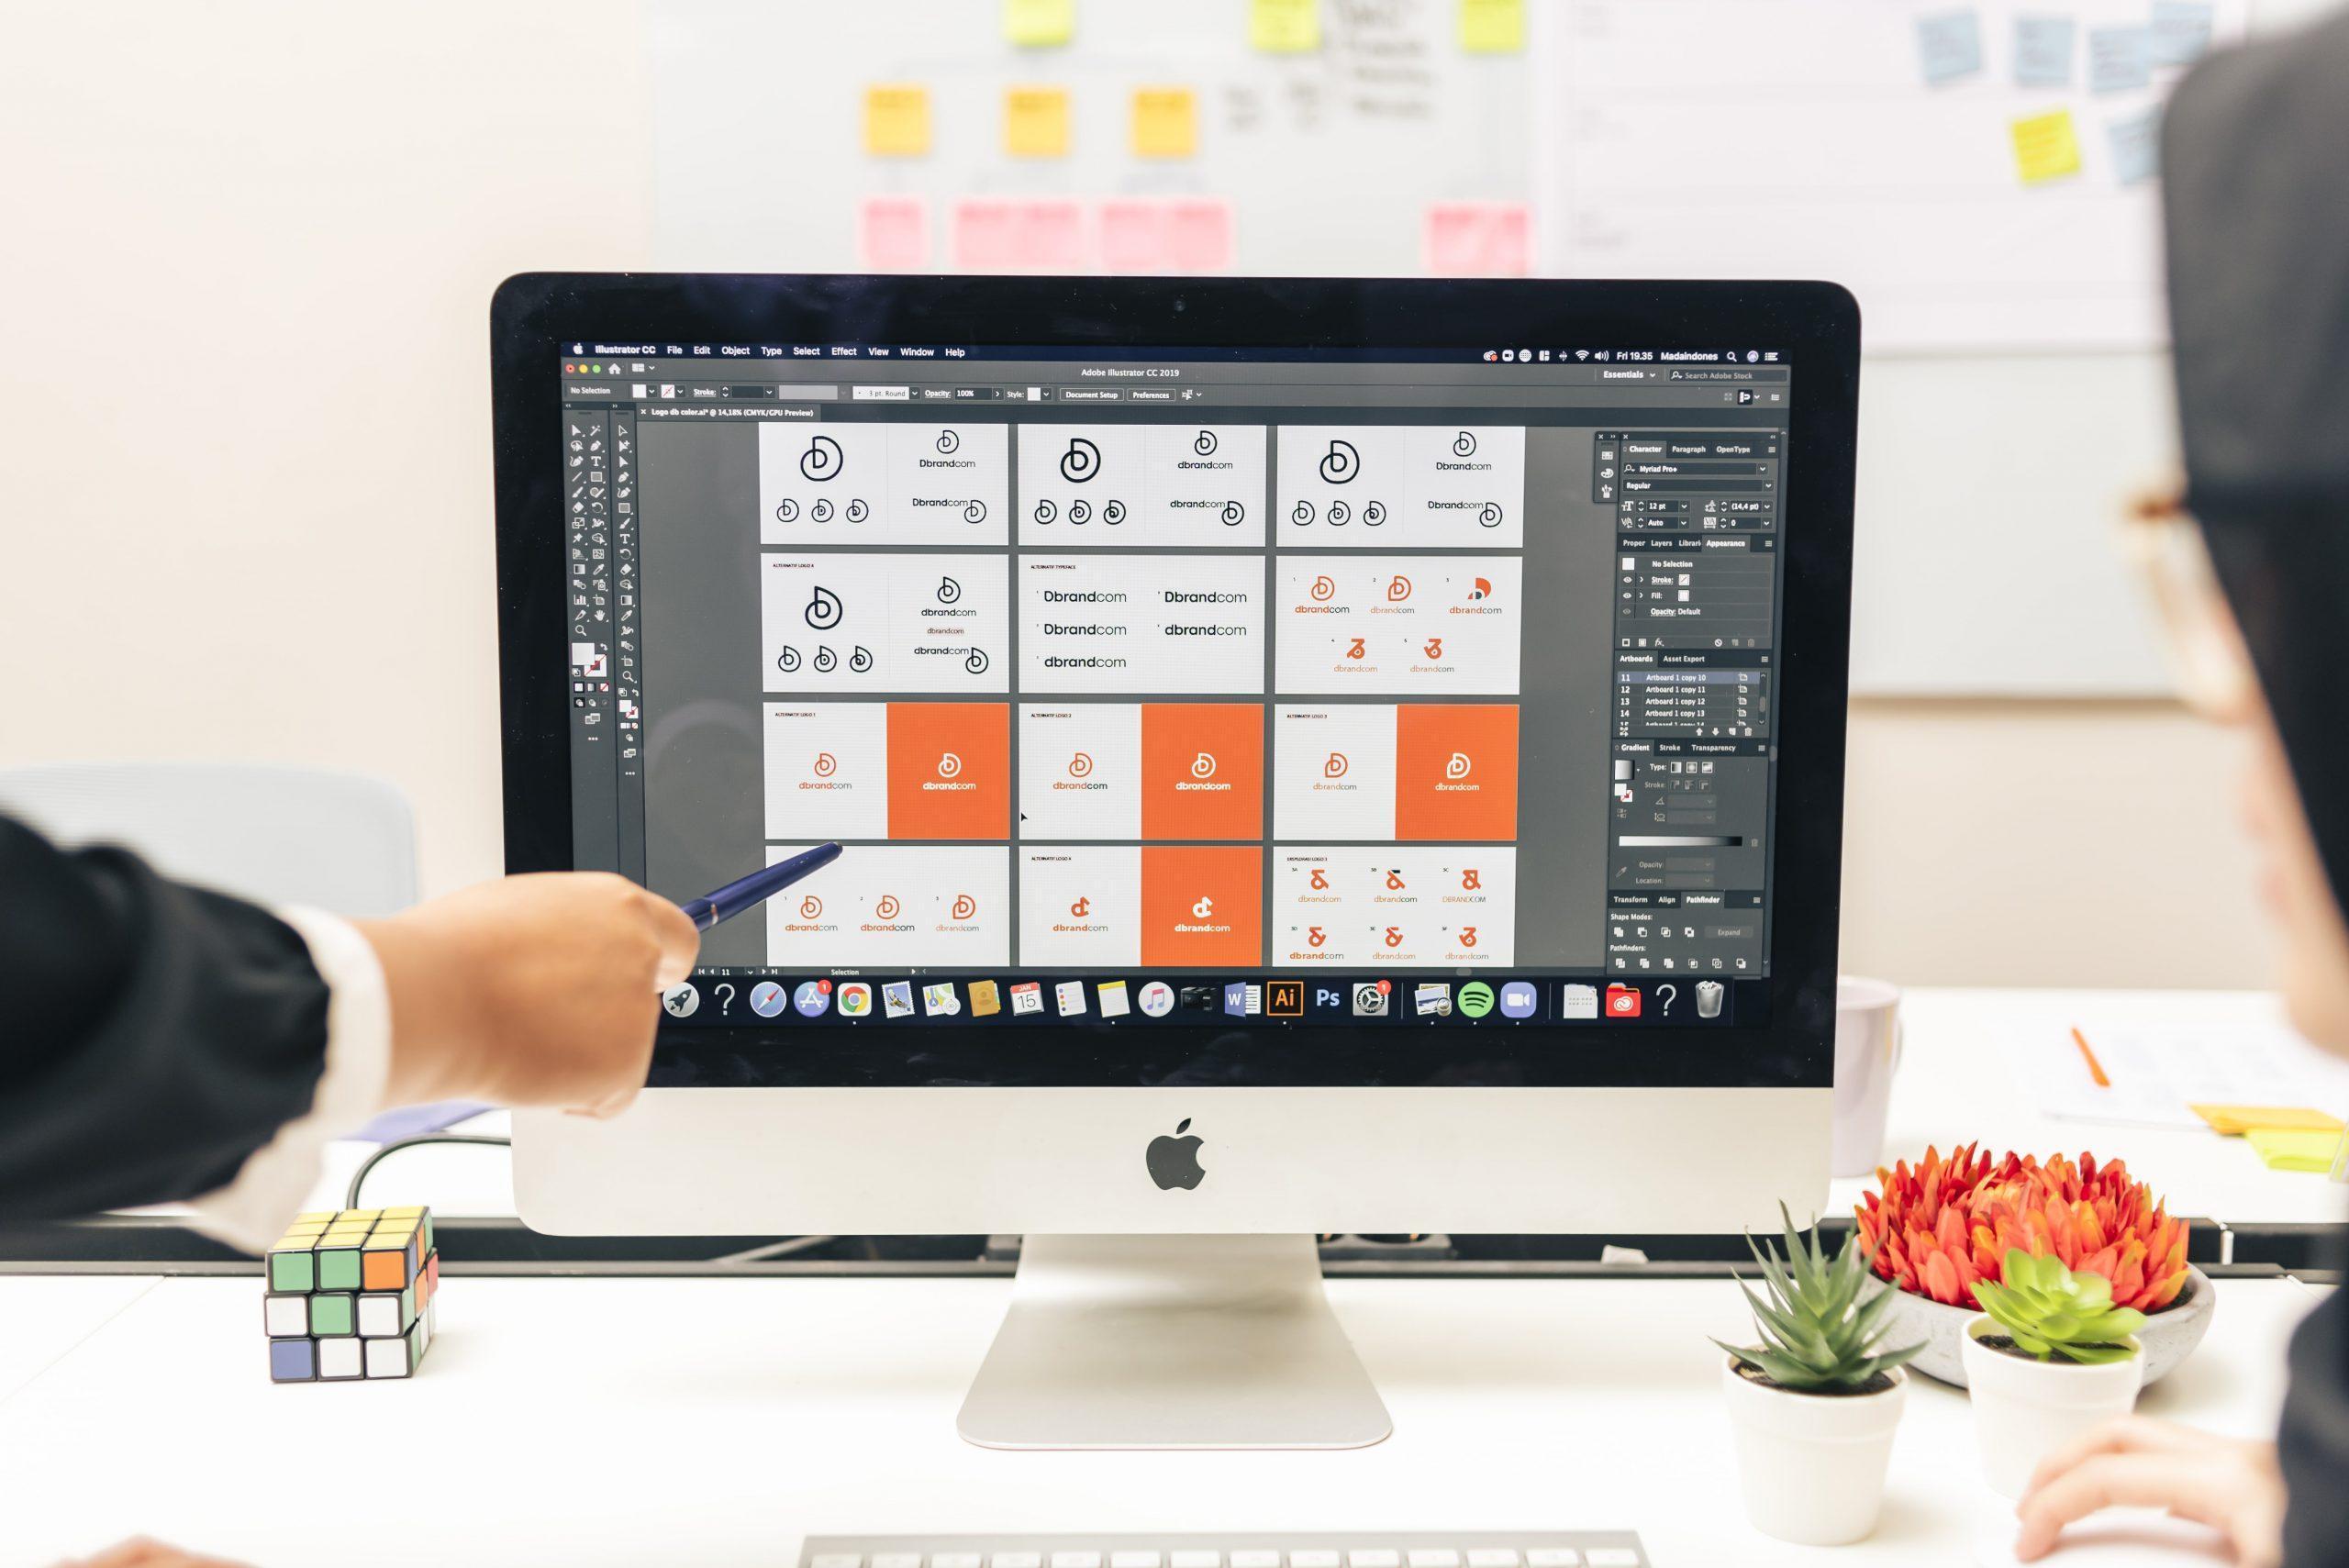 choosing the right logo for better branding in iMac